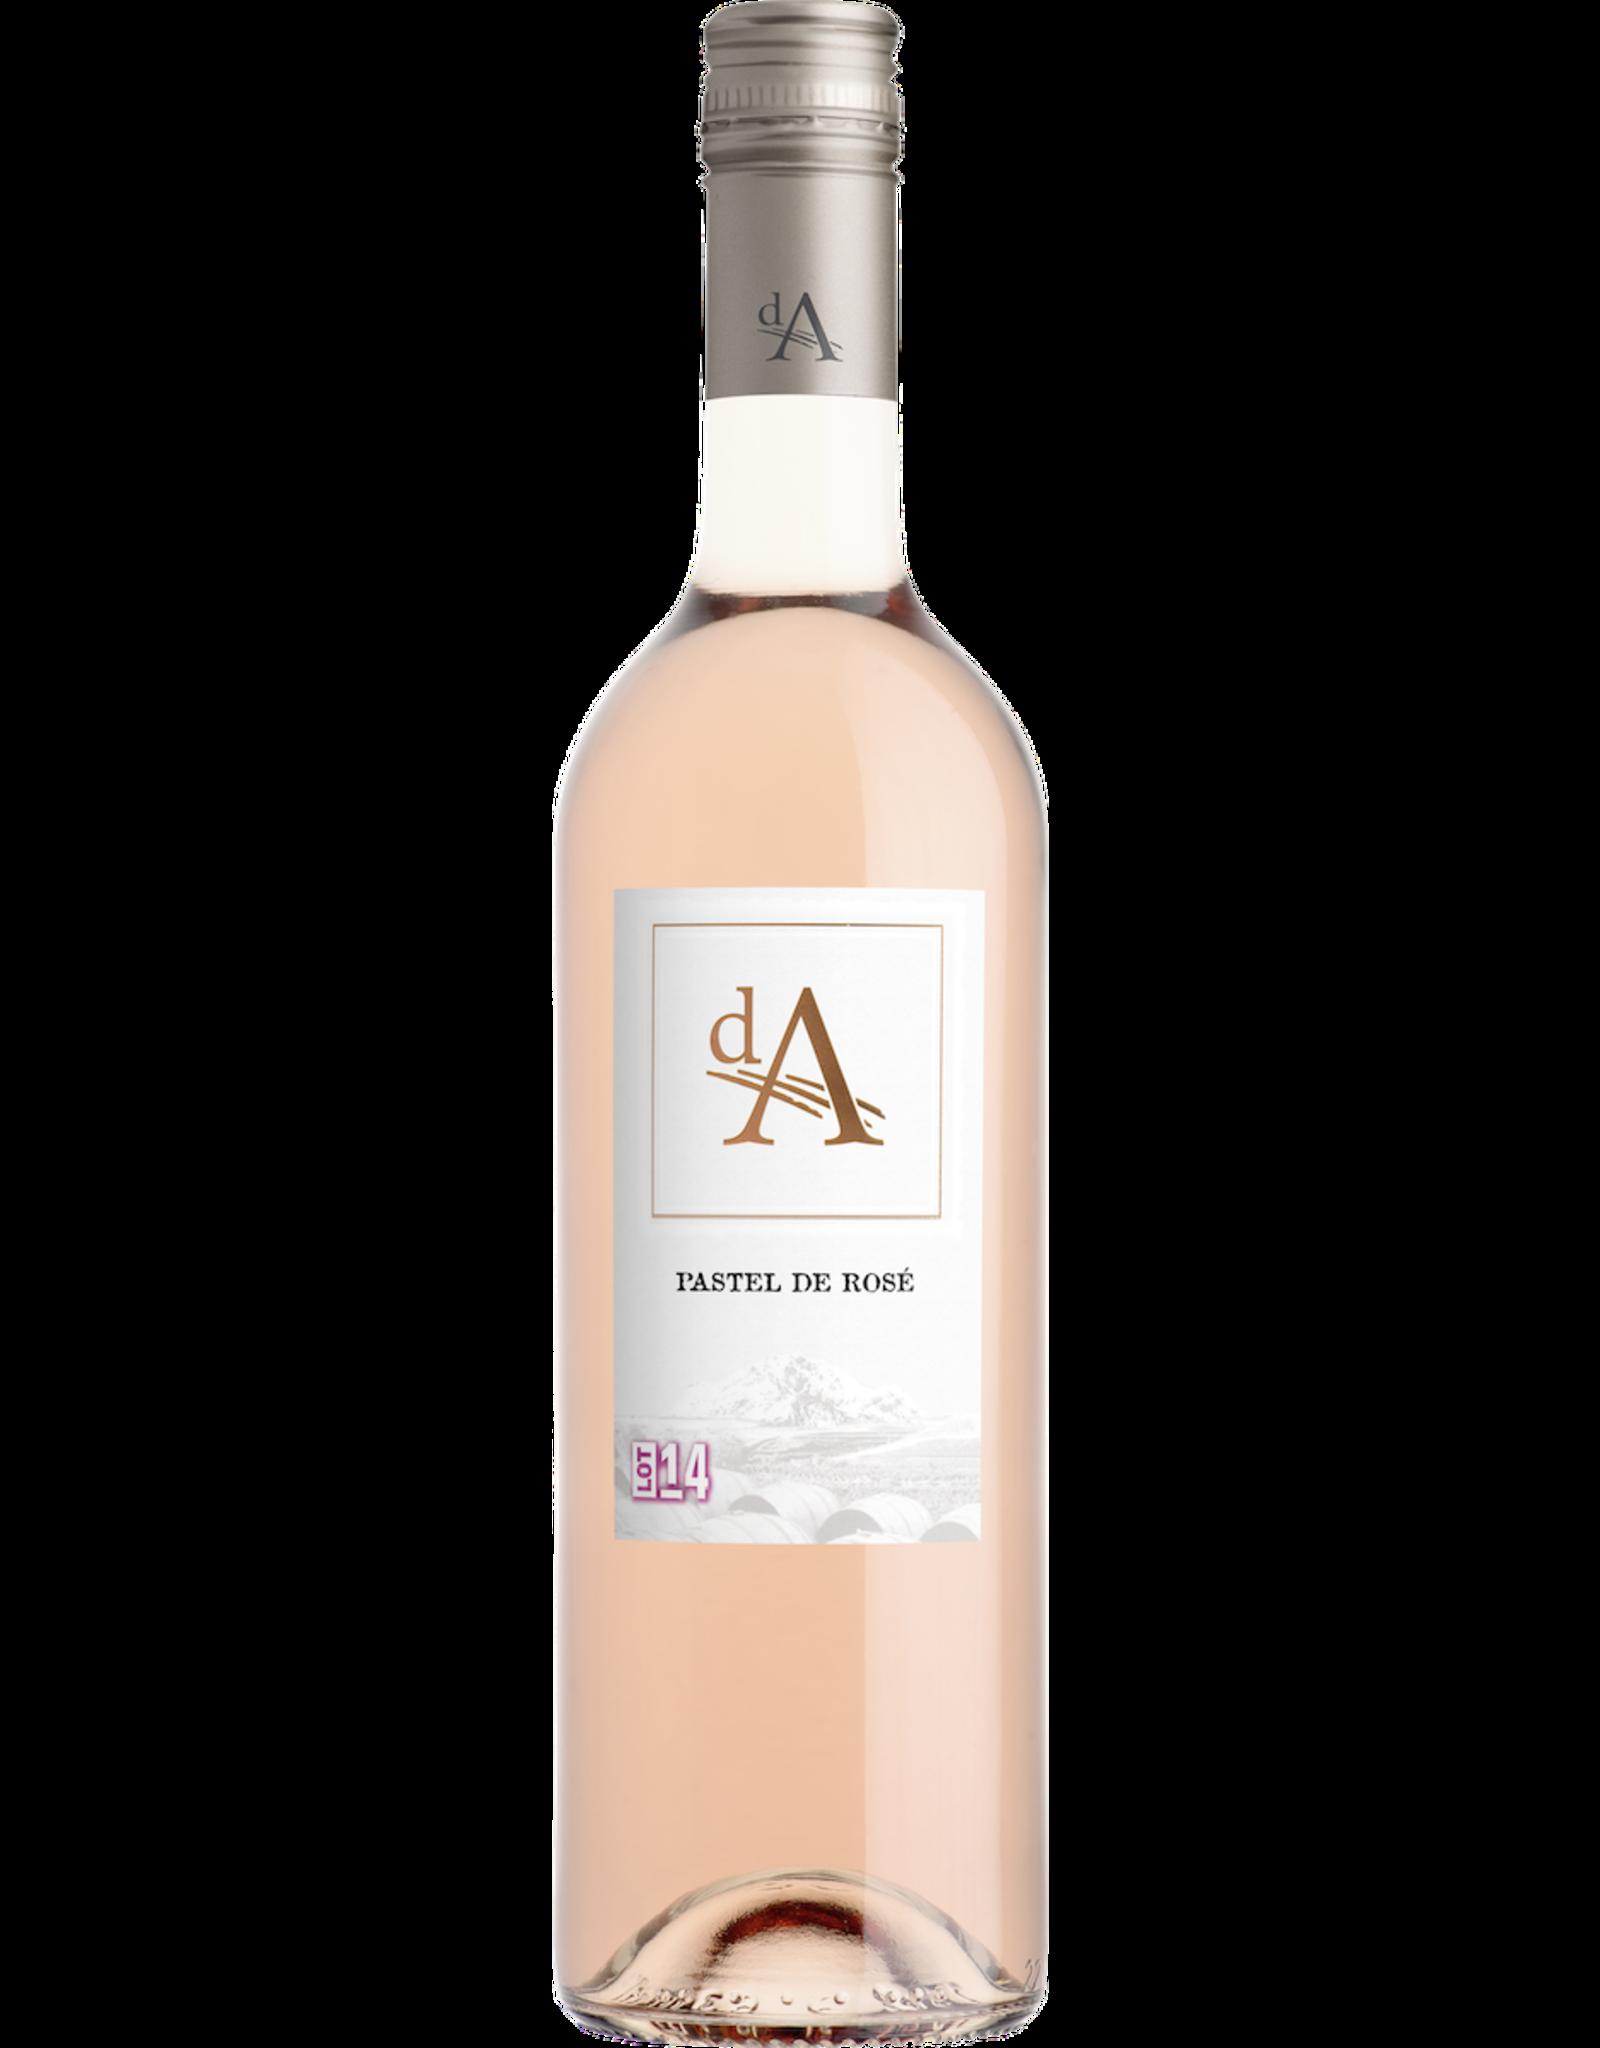 Domaine d'Astruc Astruc dA Pastel de Rosé 2018